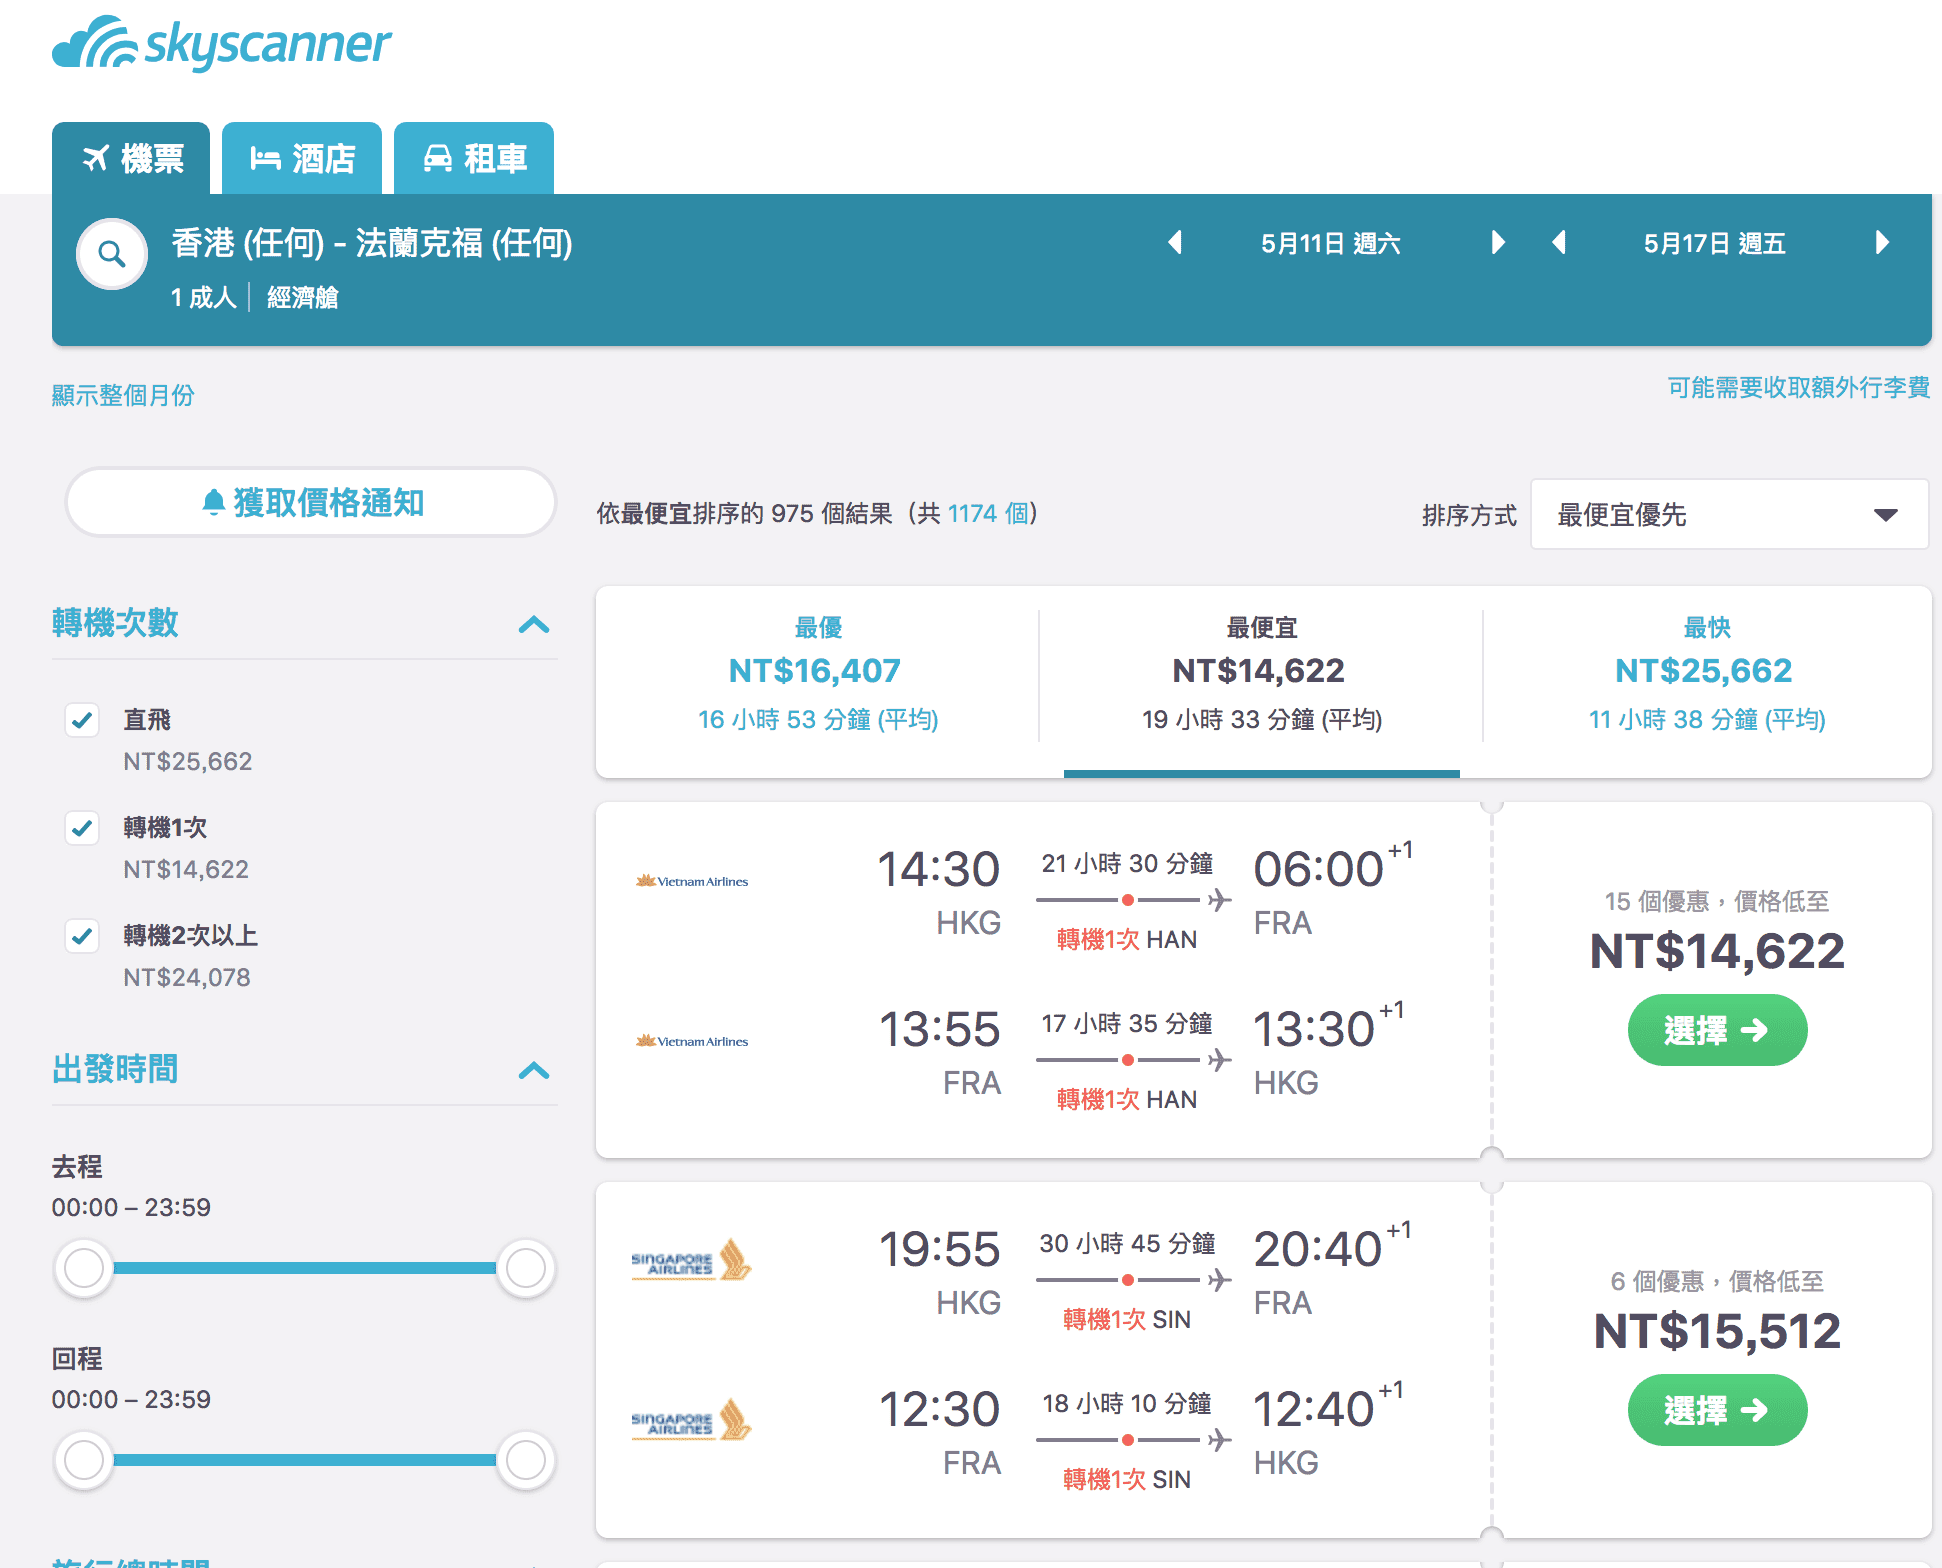 歐洲機票大亂鬥,2019的歐洲便宜機票現在買,台北暑假直飛巴黎/香港外站低至11K飛歐洲~(查票:107.10.6)